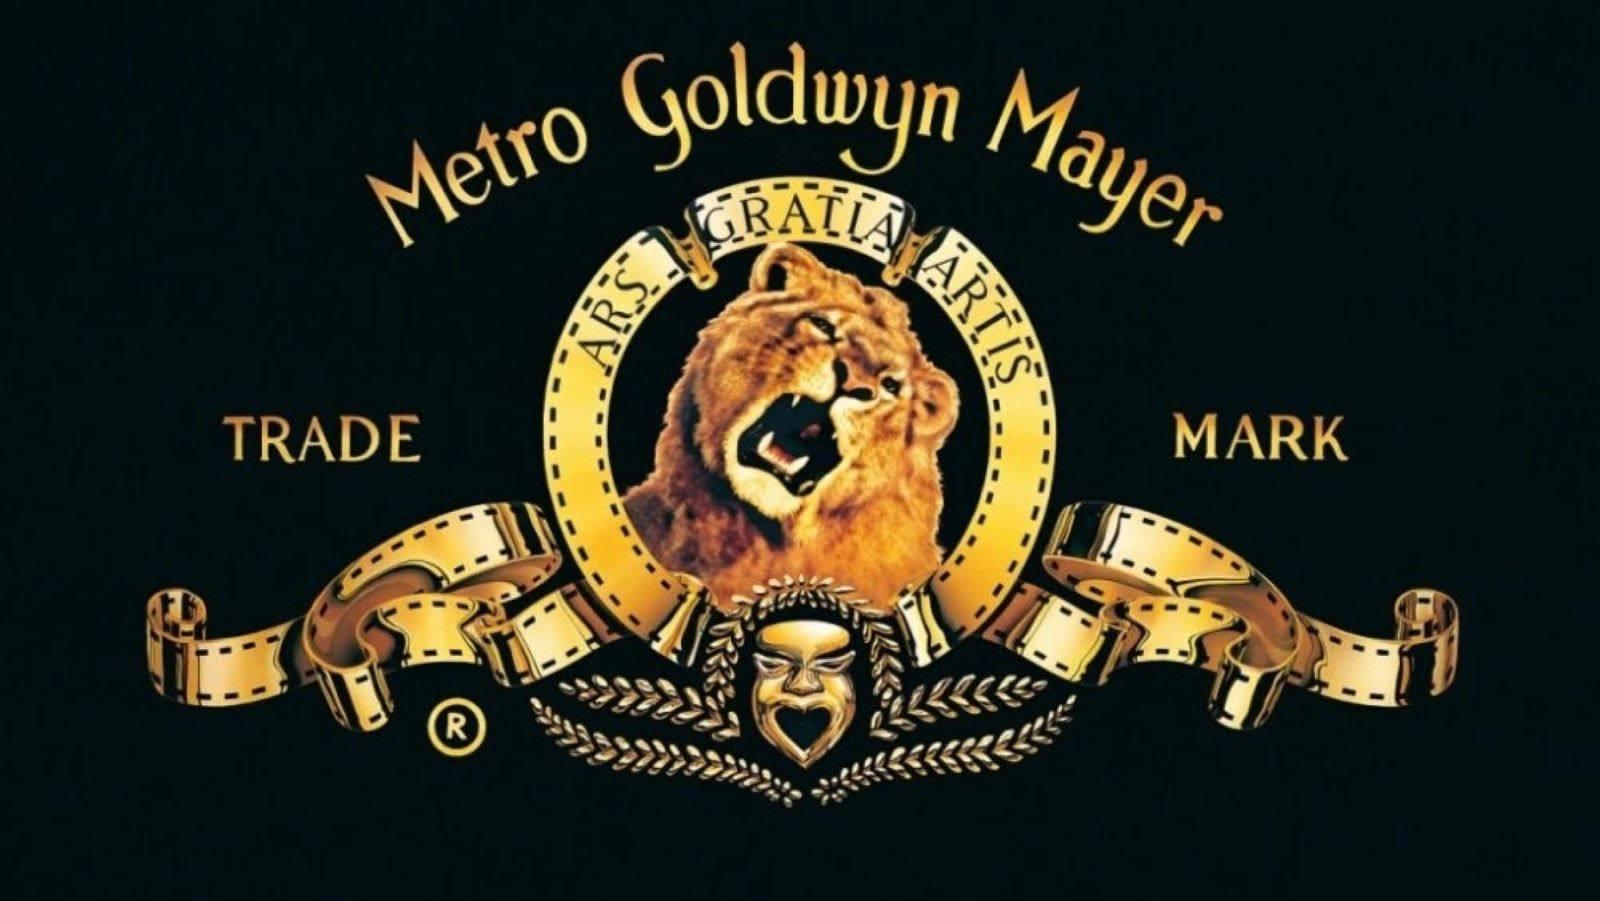 米高梅正在寻求出售其电影公司,预估市值55亿美元